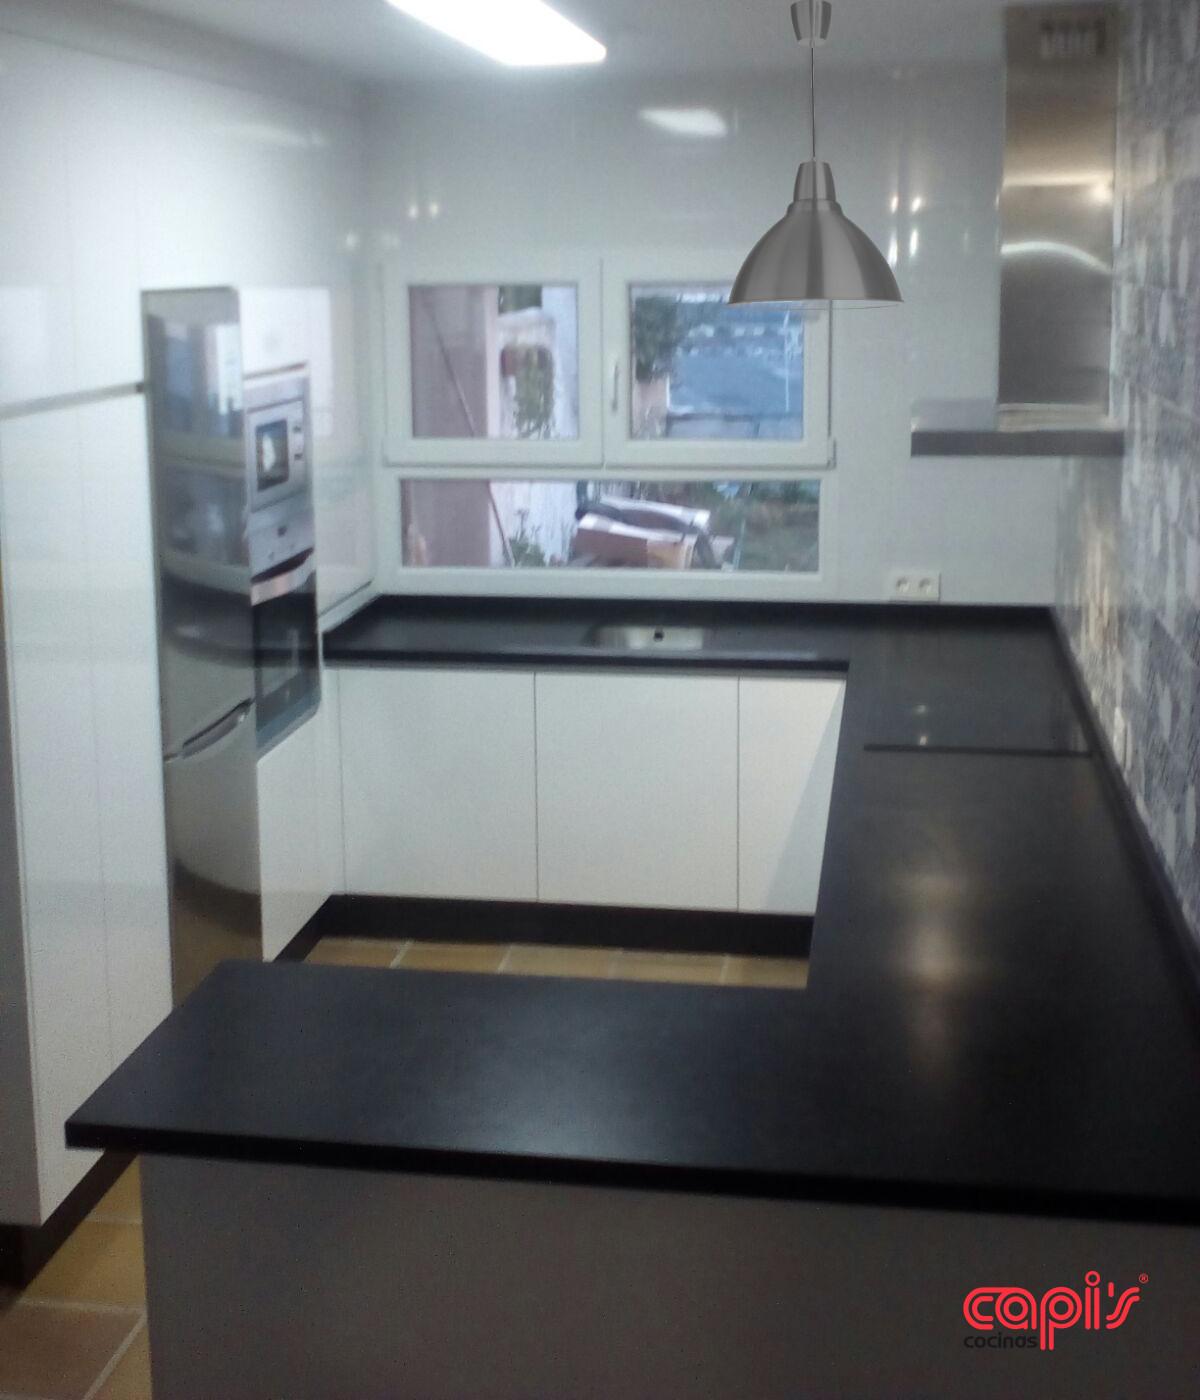 Cocina blanco y marengo - Cocinas Capis, diseño y fabricación de ...